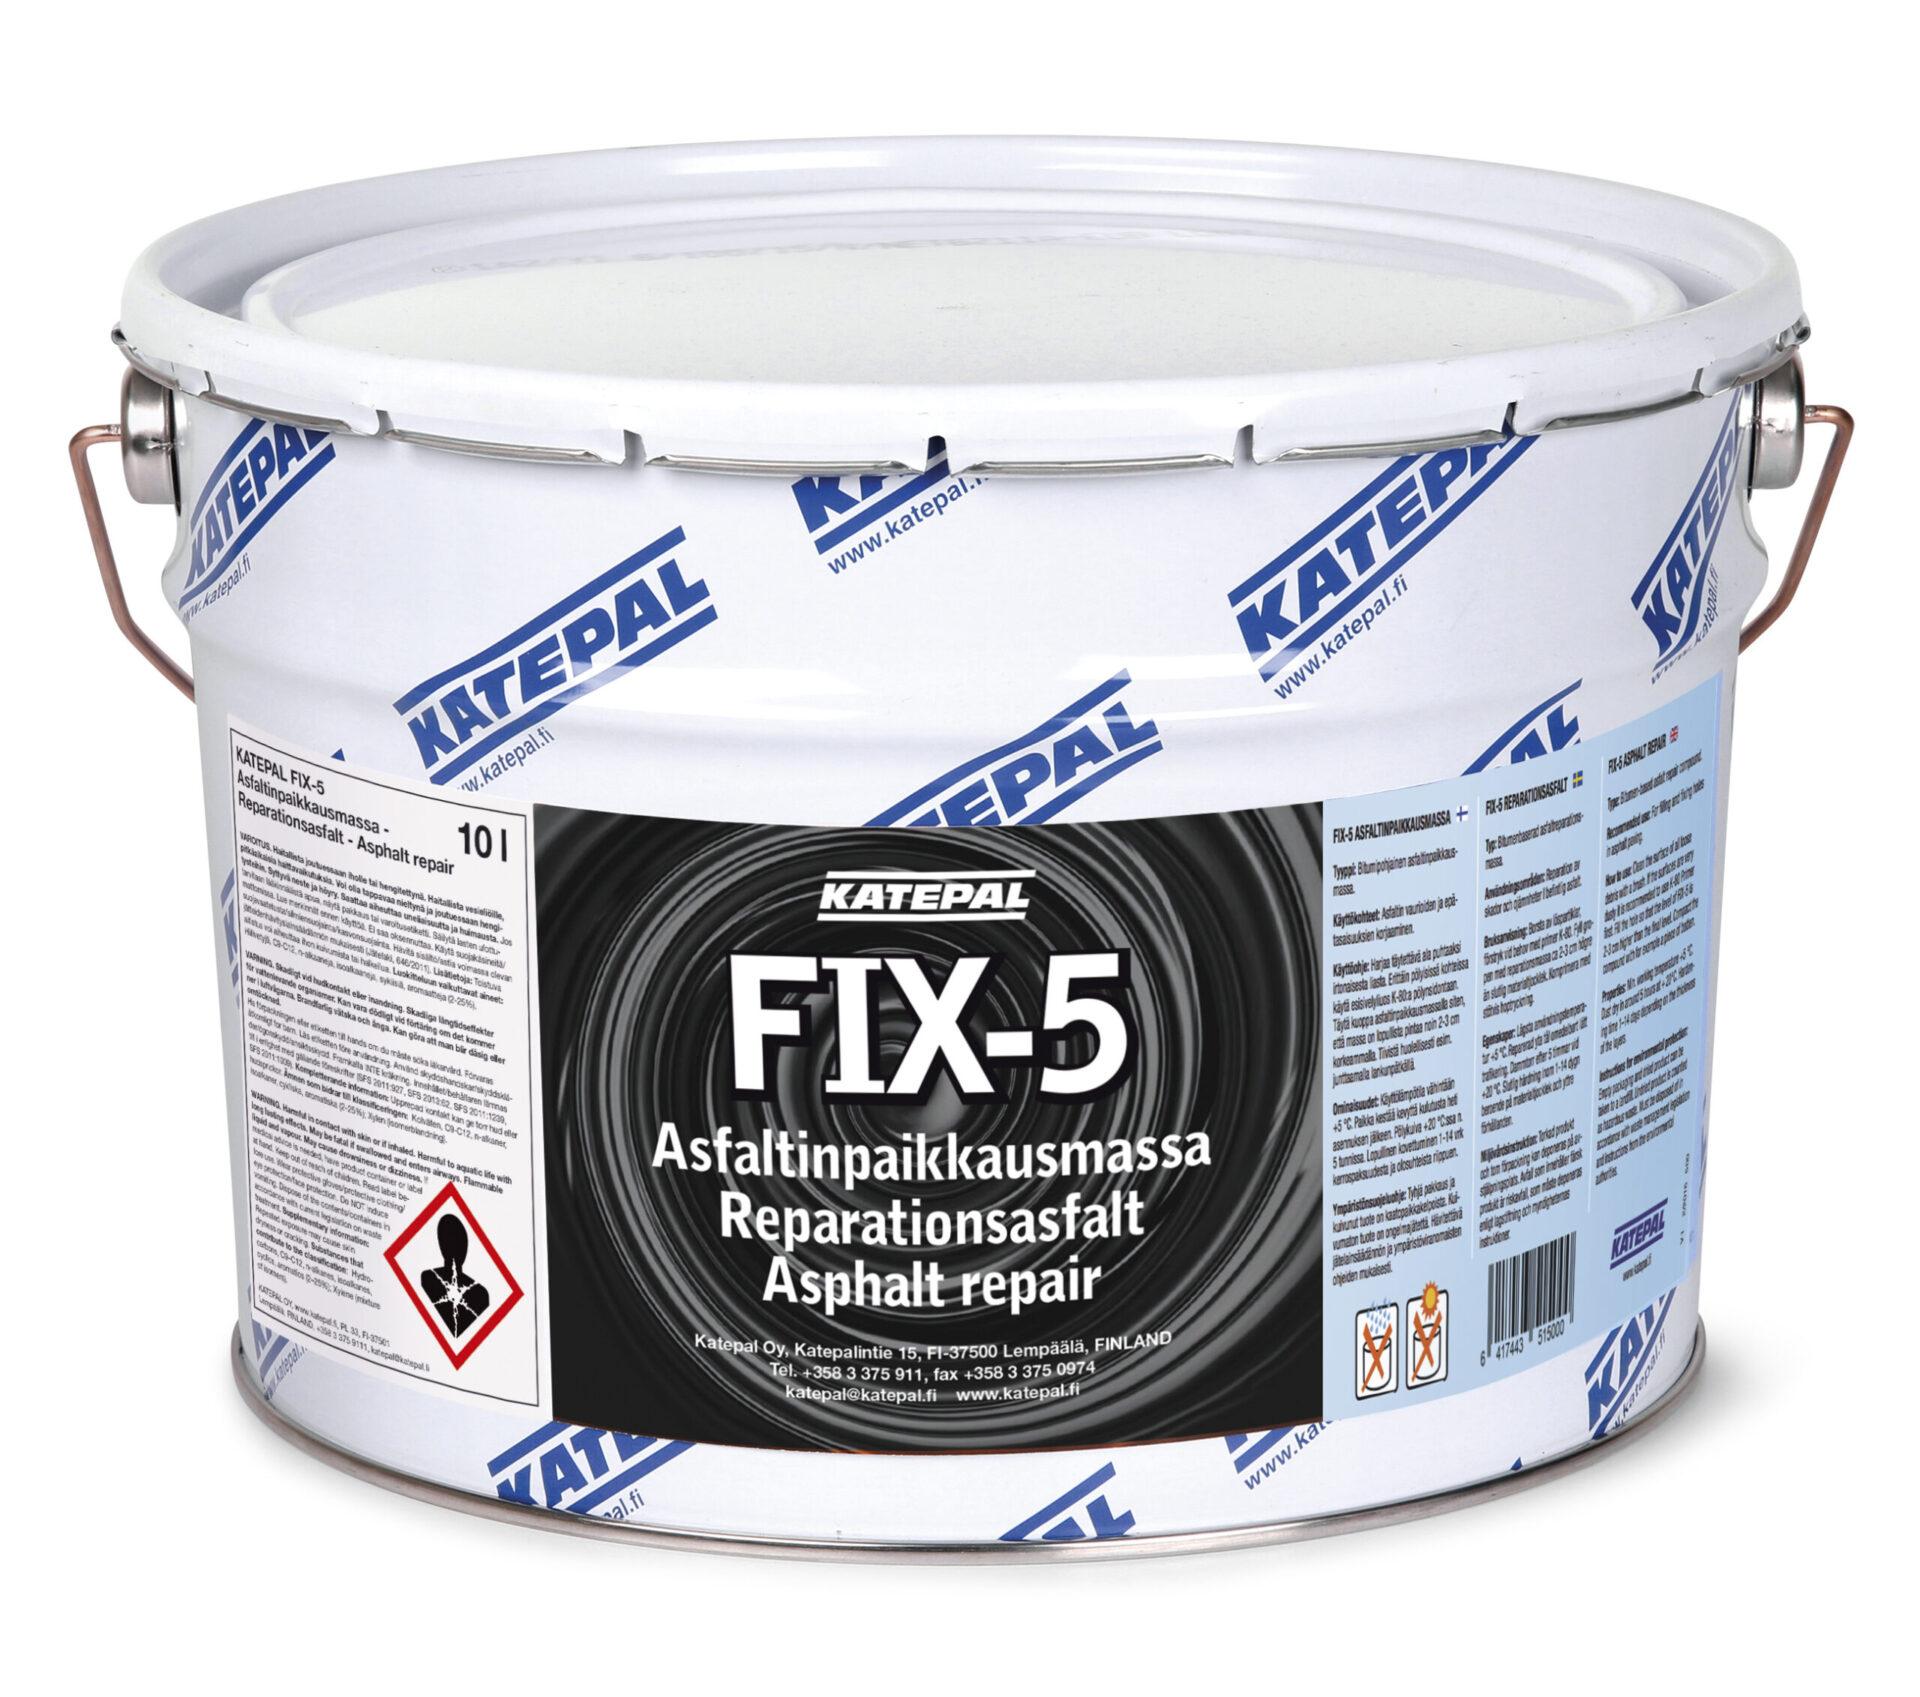 FIX-5 Asfaltinpaikkausmassa